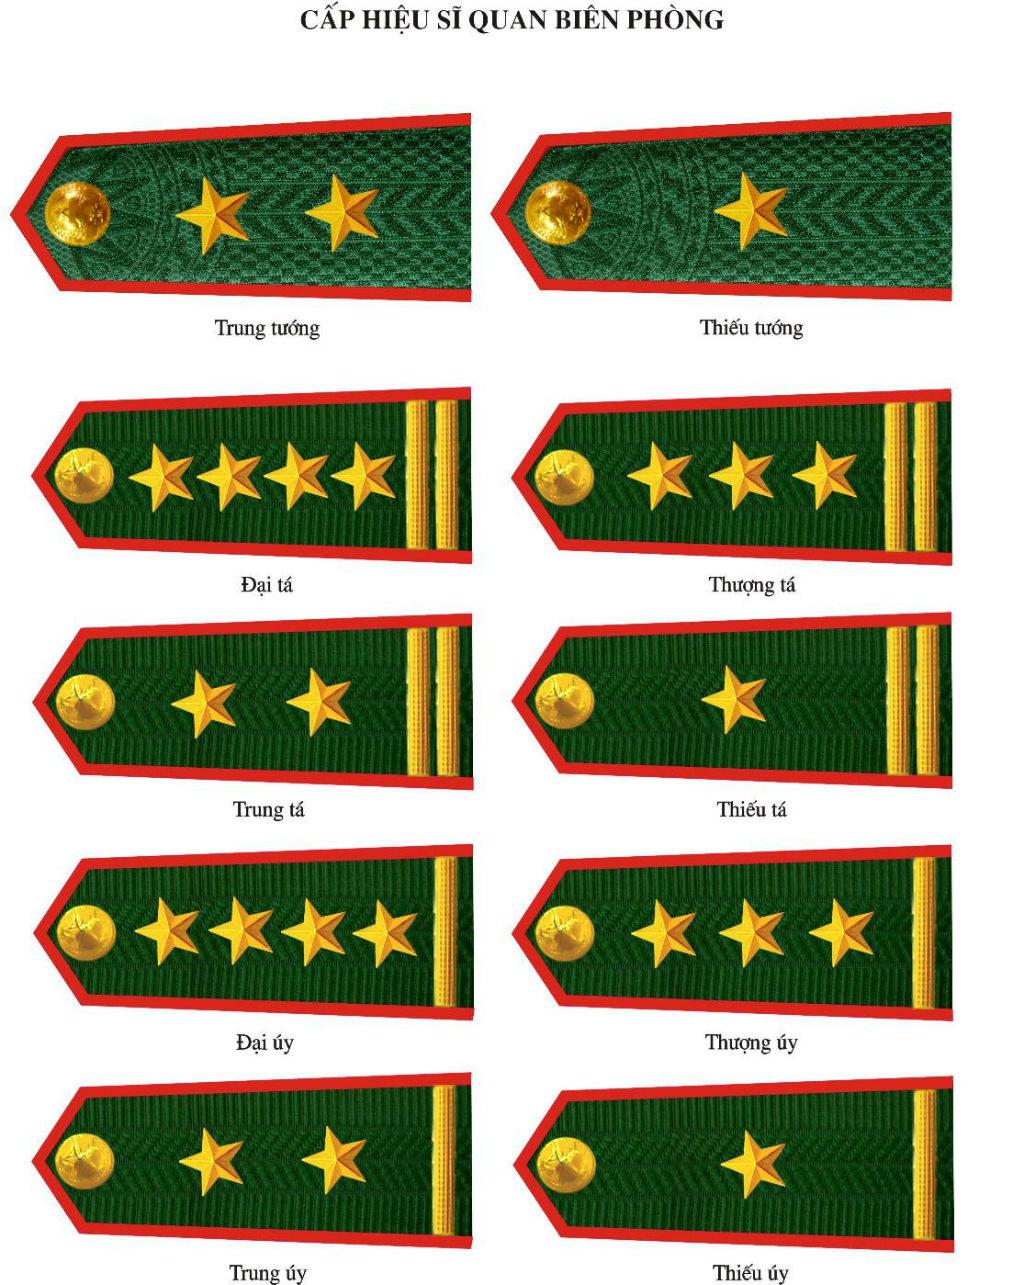 的军阶有哪些 肩章上的星和杠是什么意思